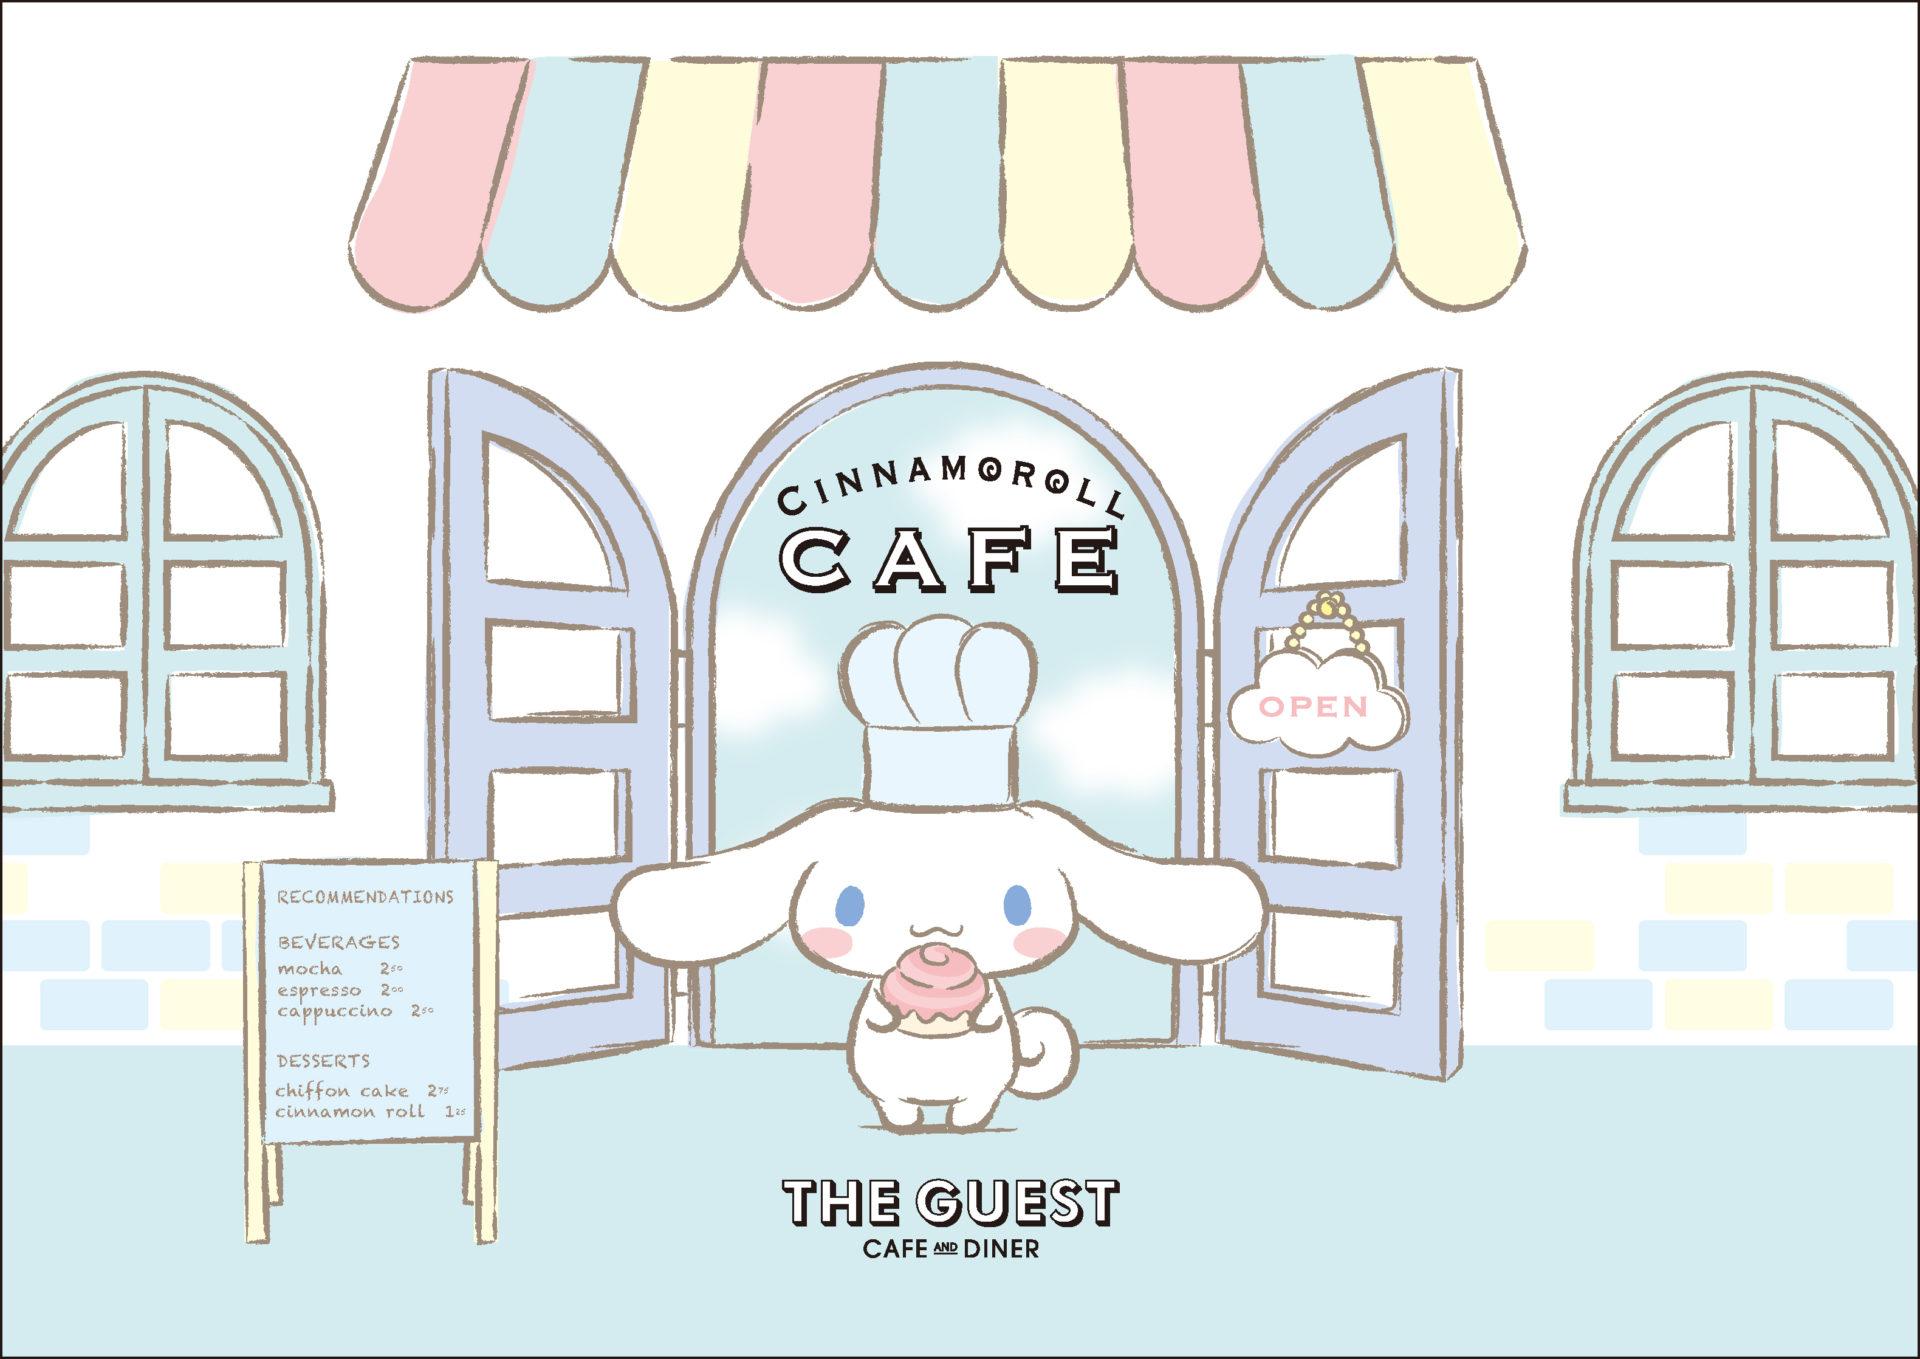 シナモロールカフェ in THE GUEST大阪 7.19-9.9 シナモンコラボ開催!!